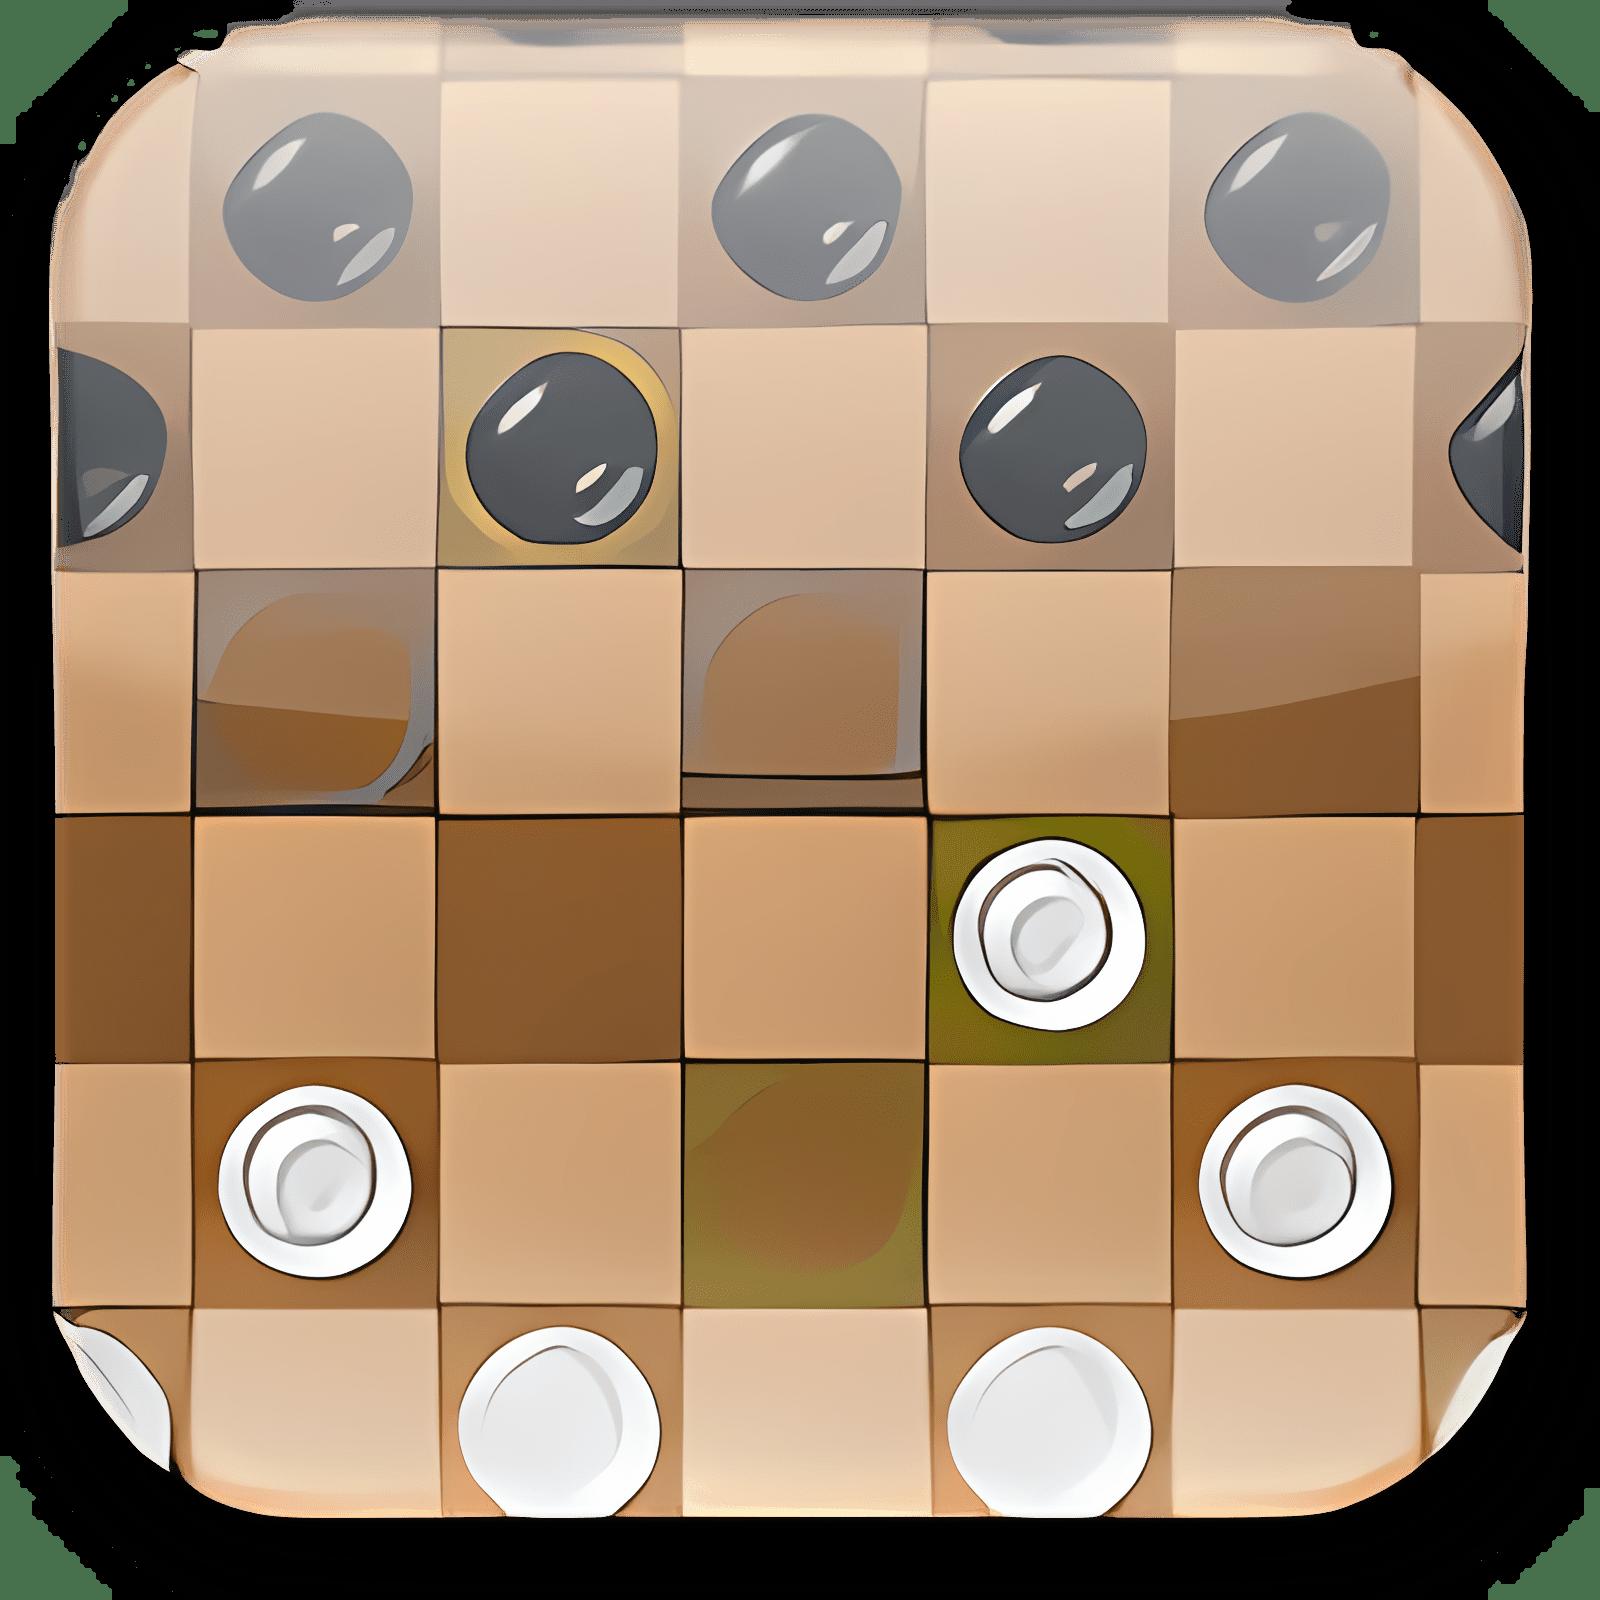 CheckerBoard 1.7